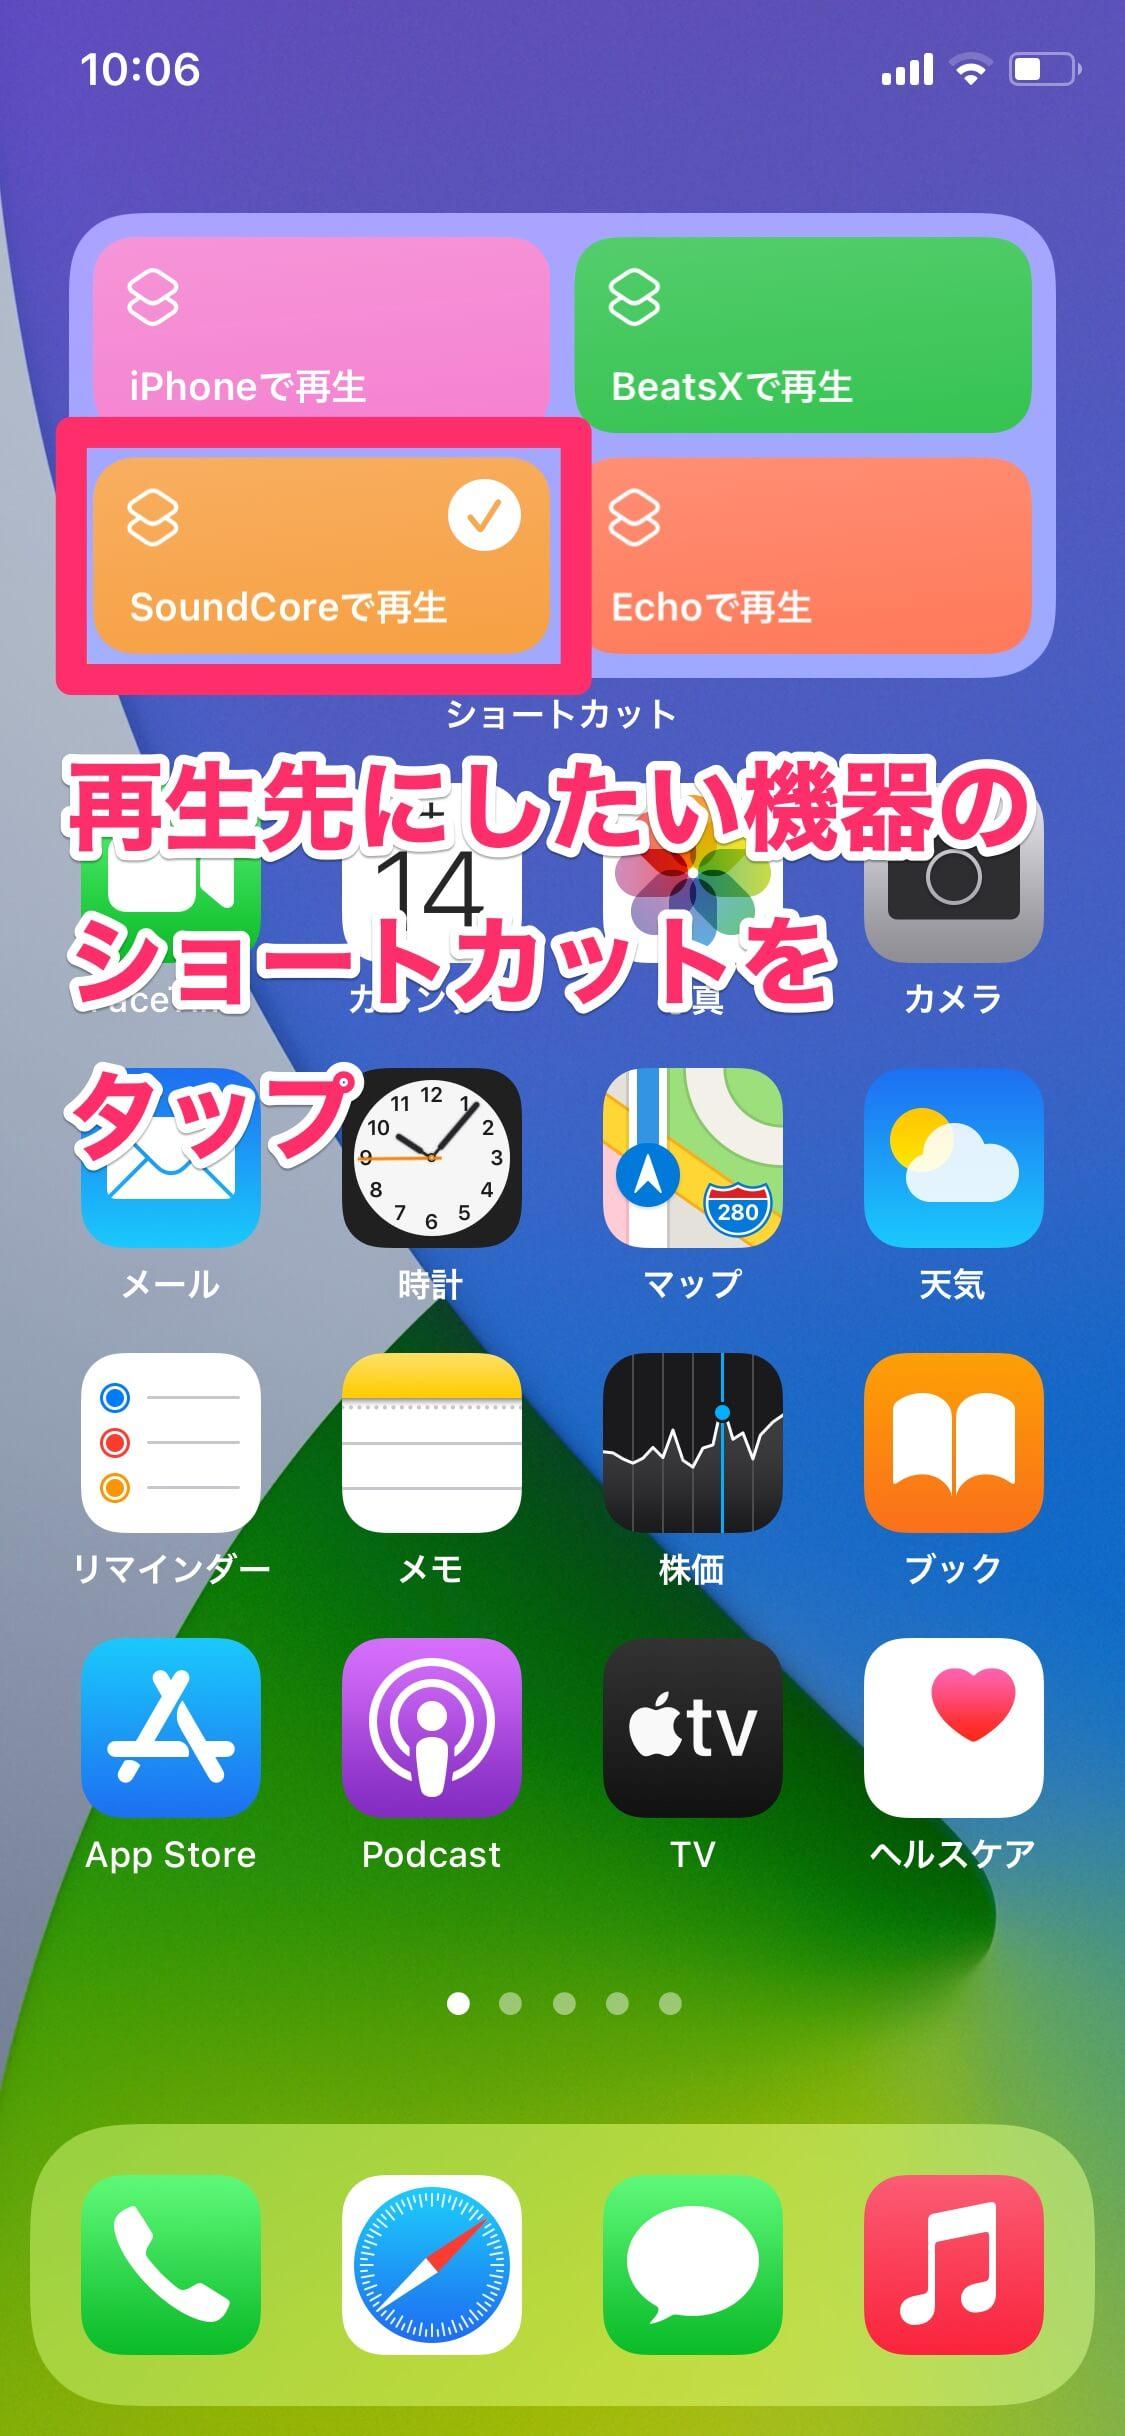 【iOS 14】再生先のBluetooth機器をワンタップで切り替える方法。ショートカット&ウィジェットで快適!